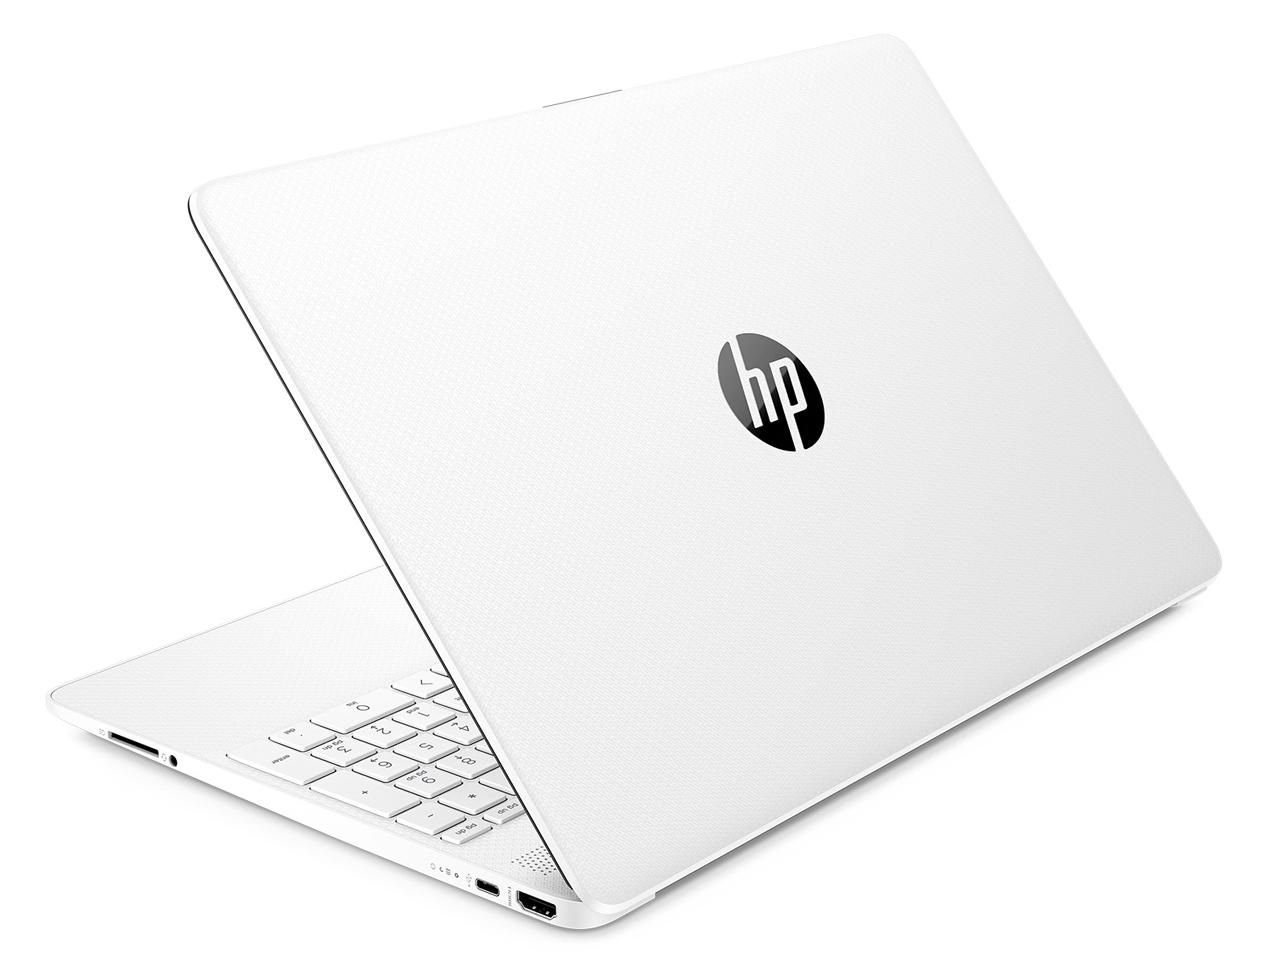 HP 15s-eq1000 価格.com限定 AMD Athlon/256GB SSD/メモリ8GB/15.6型/フルHD IPS液晶搭載モデル の製品画像